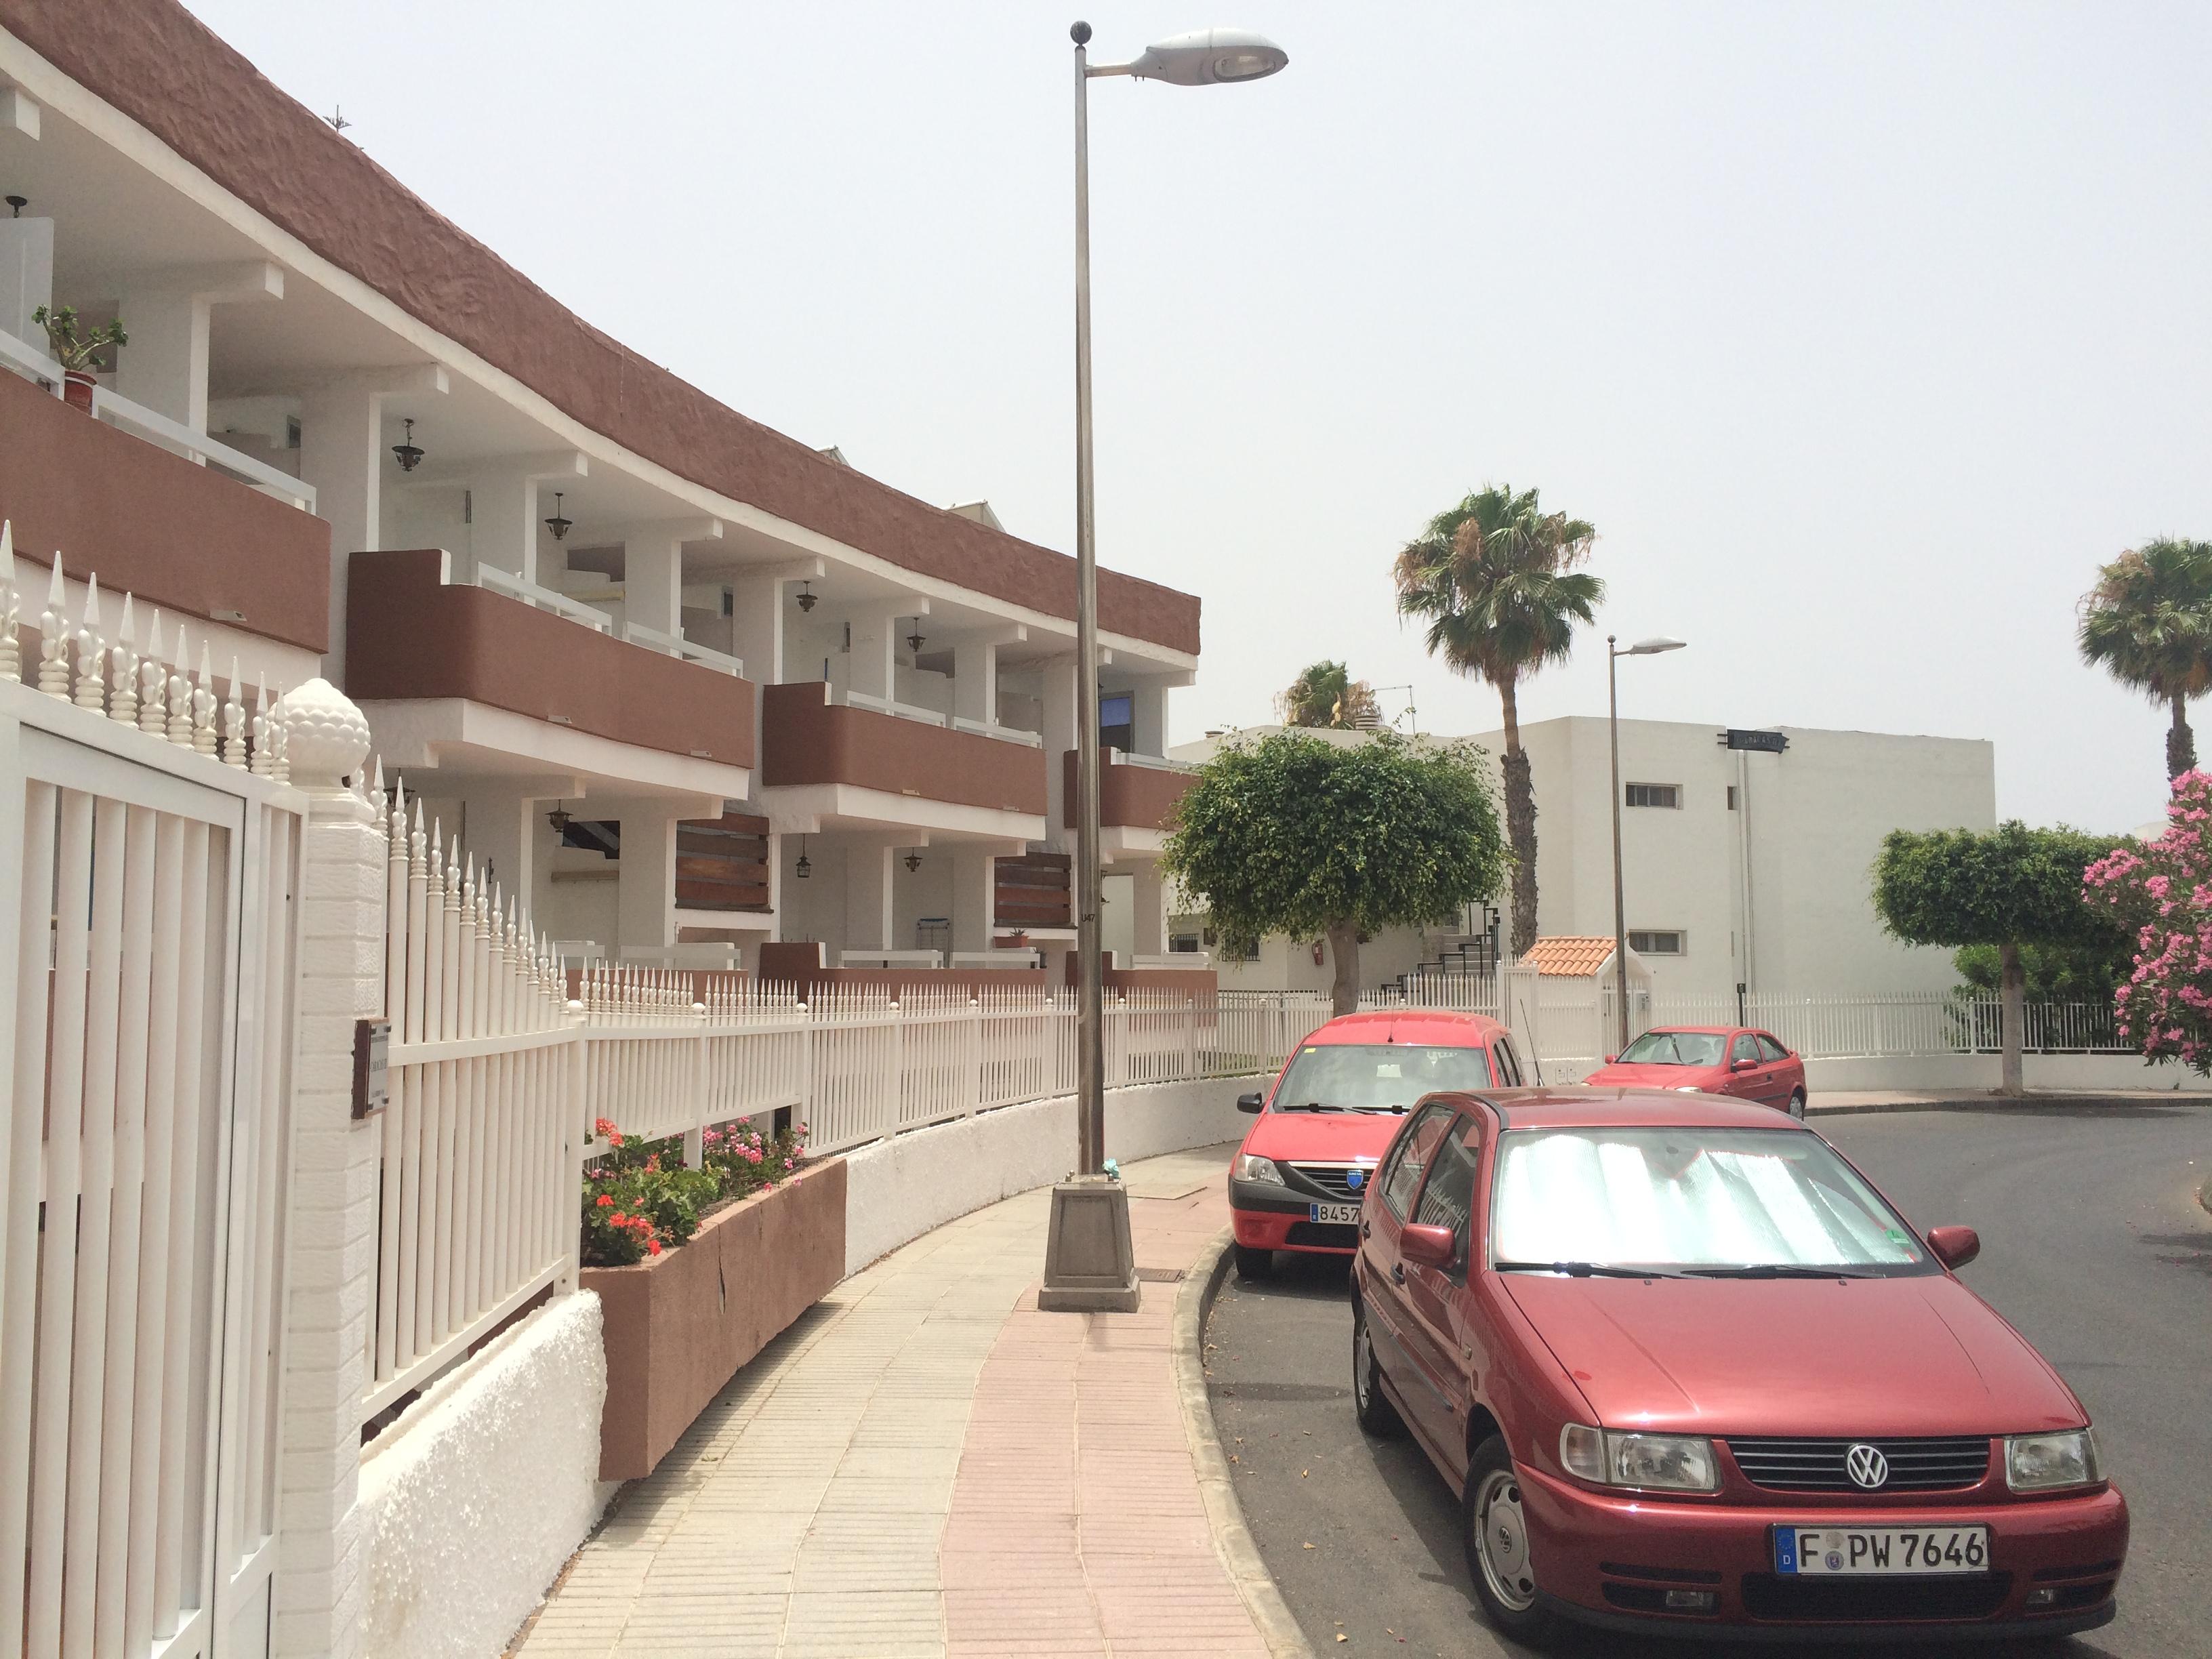 Gran Canaria – last part